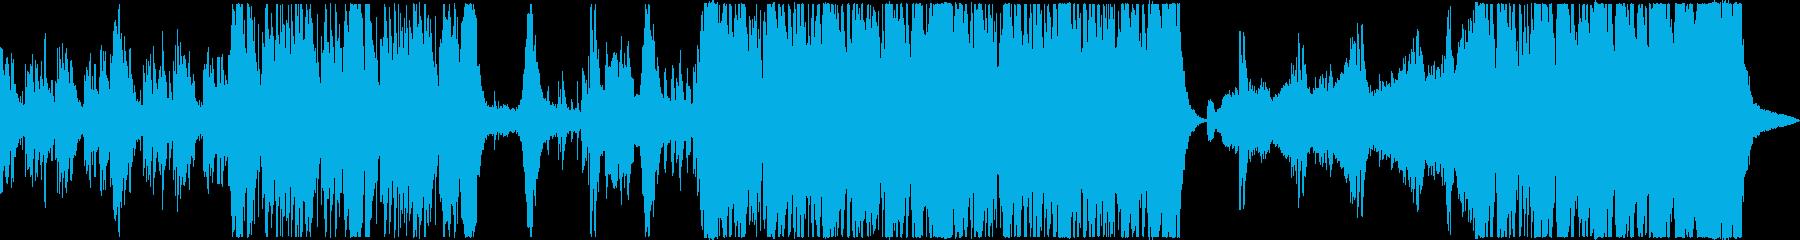 妖しいダークファンタジー和風曲の再生済みの波形